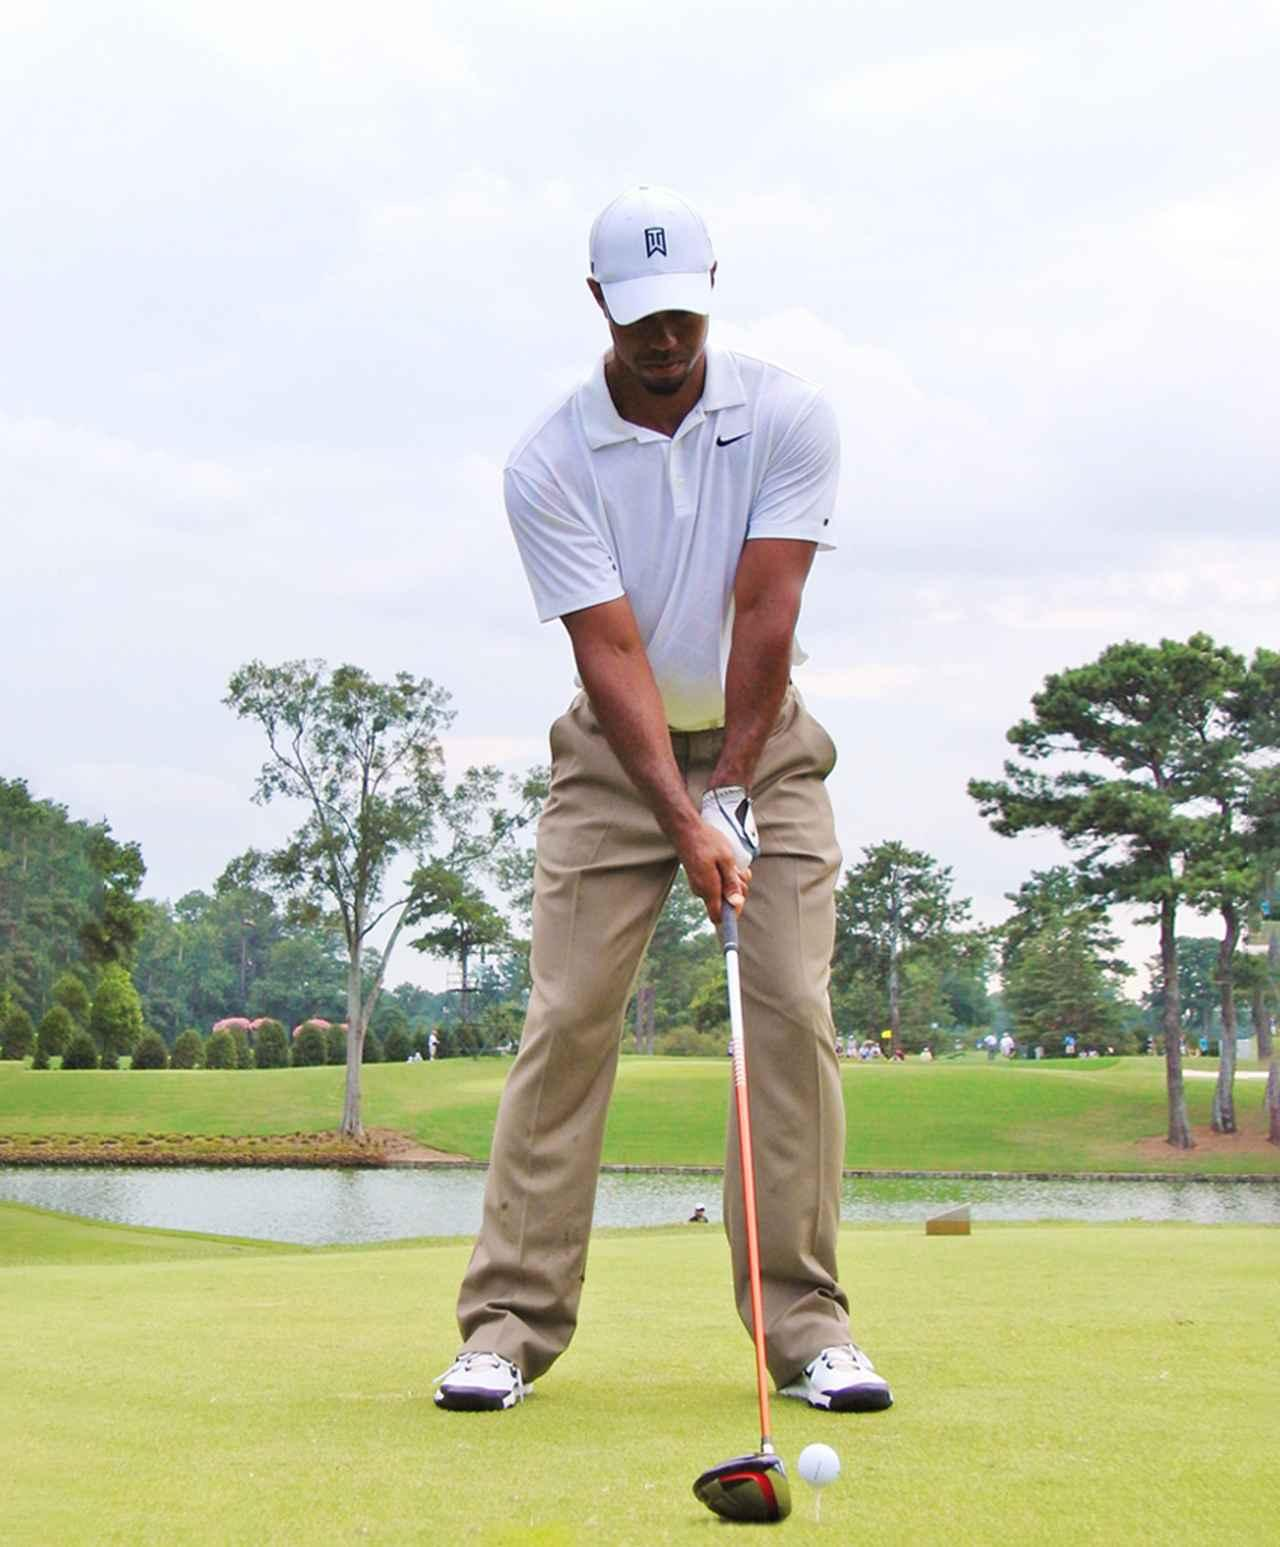 画像11: 【平成スウィング変遷史②】タイガー・ウッズが切り開いたパワーゴルフの時代